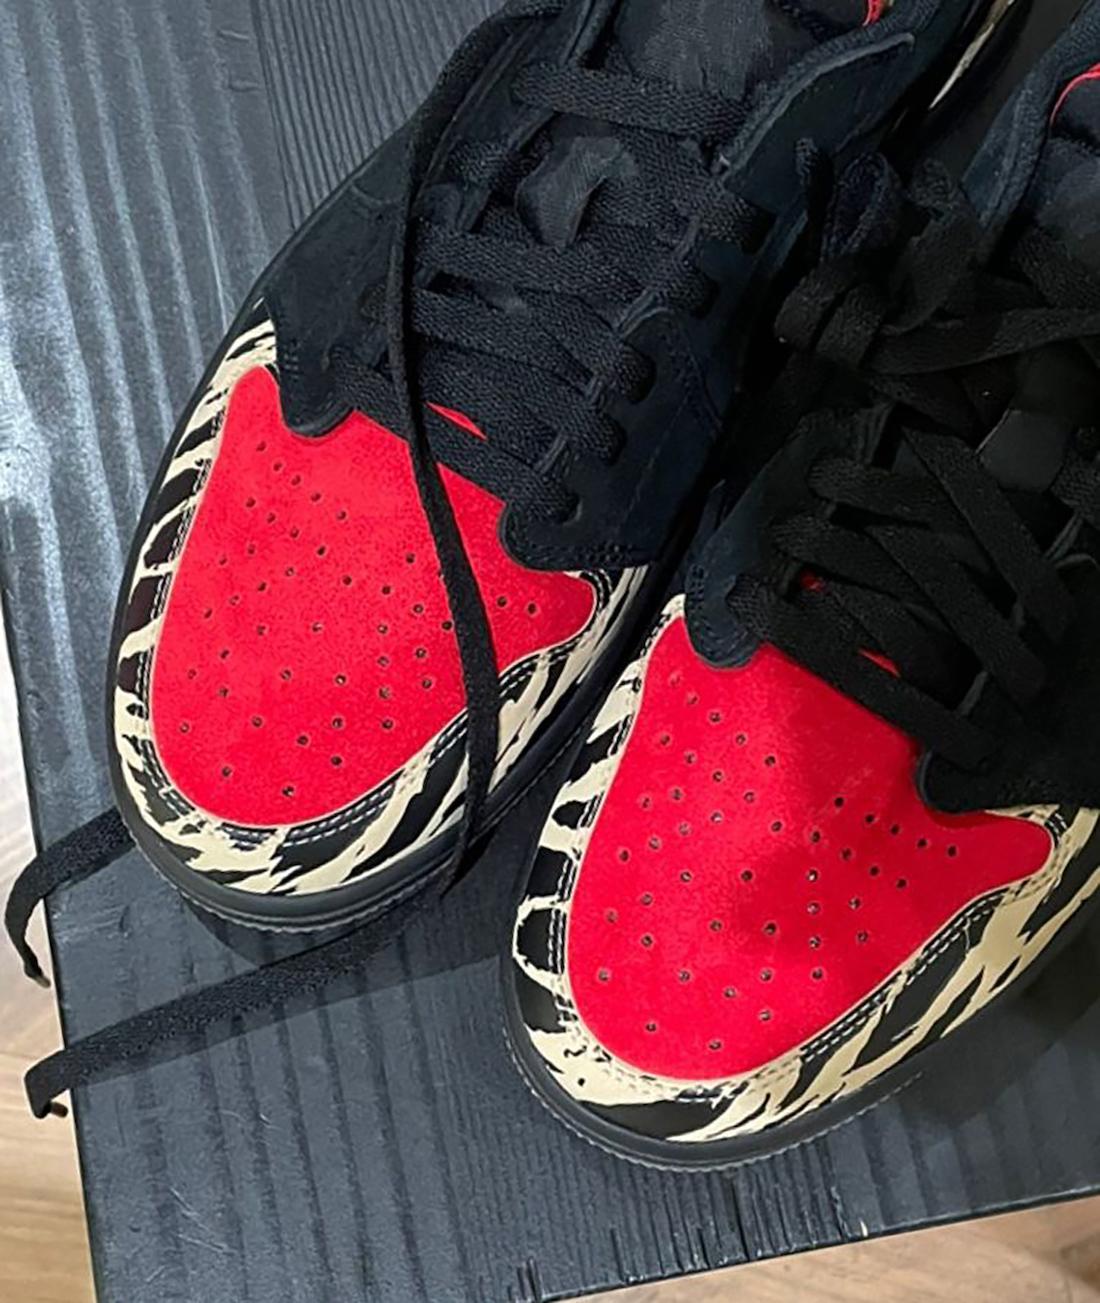 SoleFly Air Jordan 1 Low Release Date Info